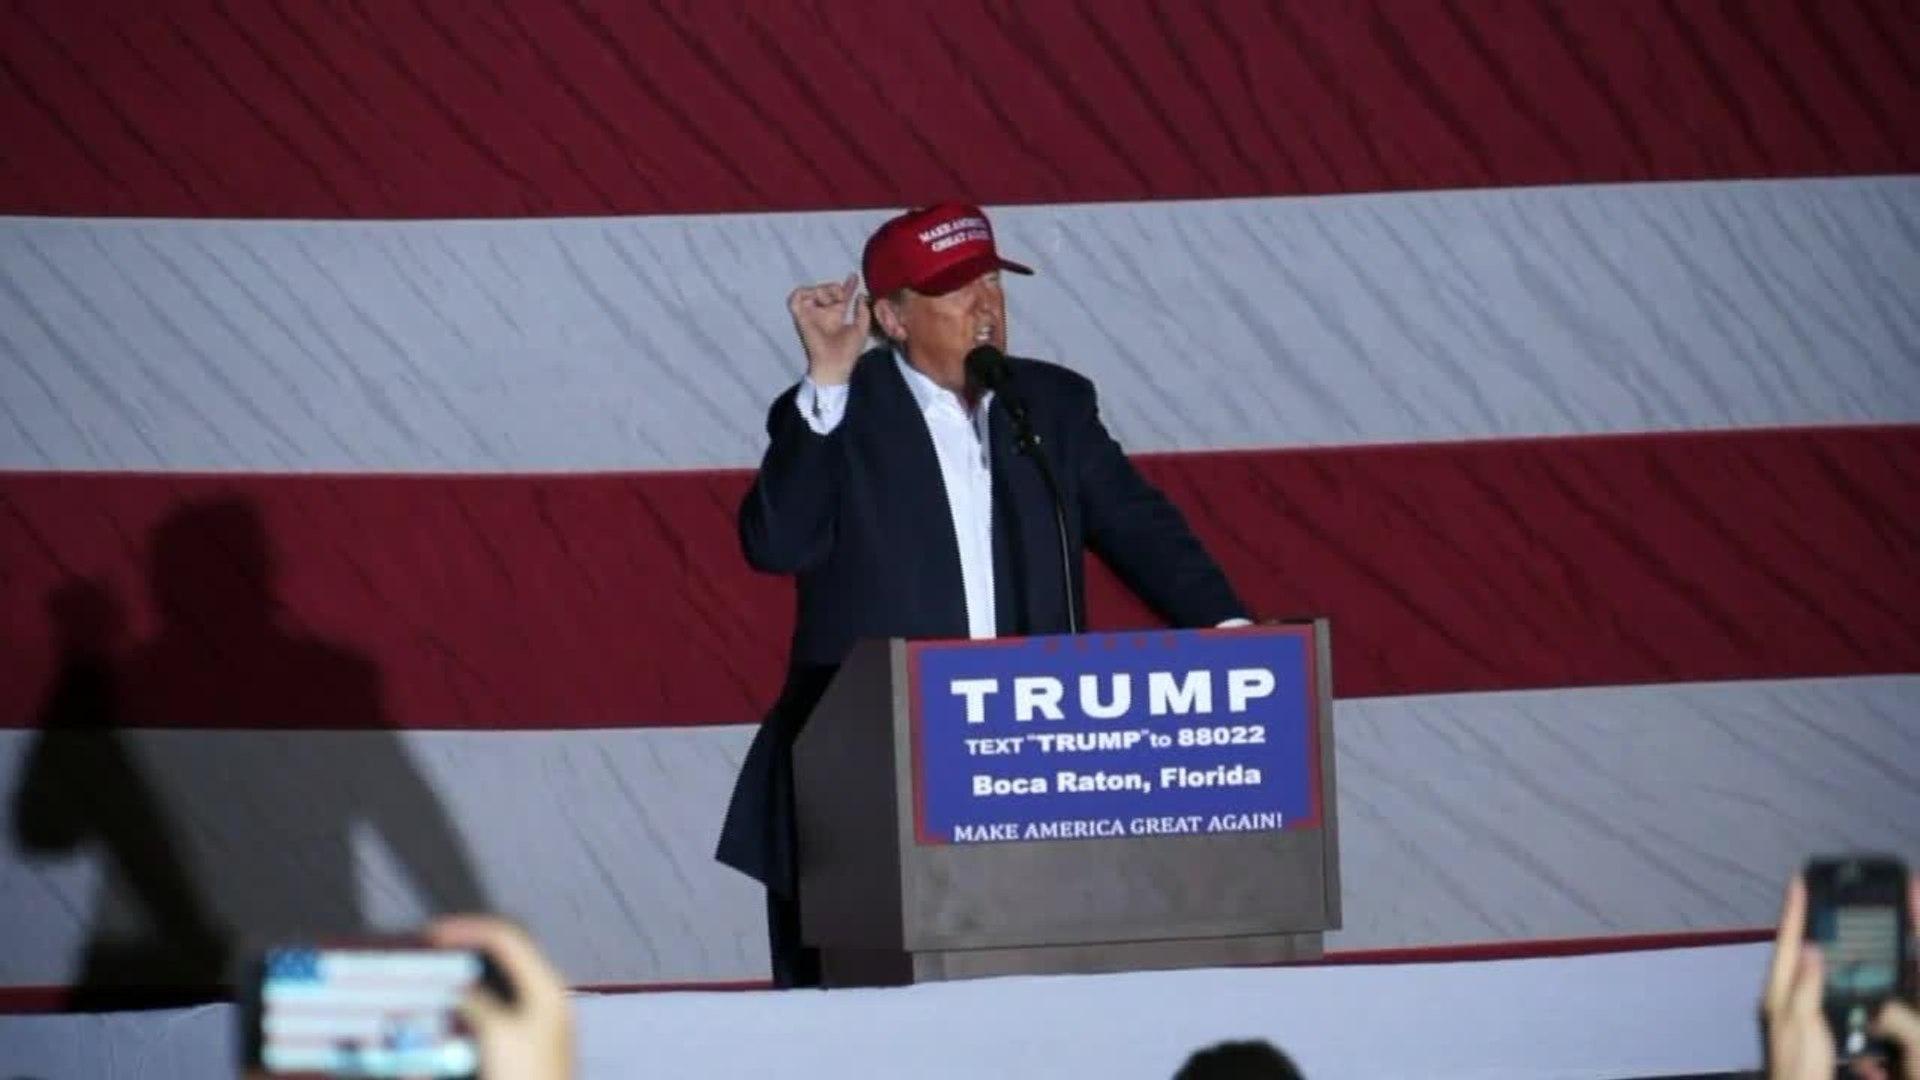 Donald Trump On Winning